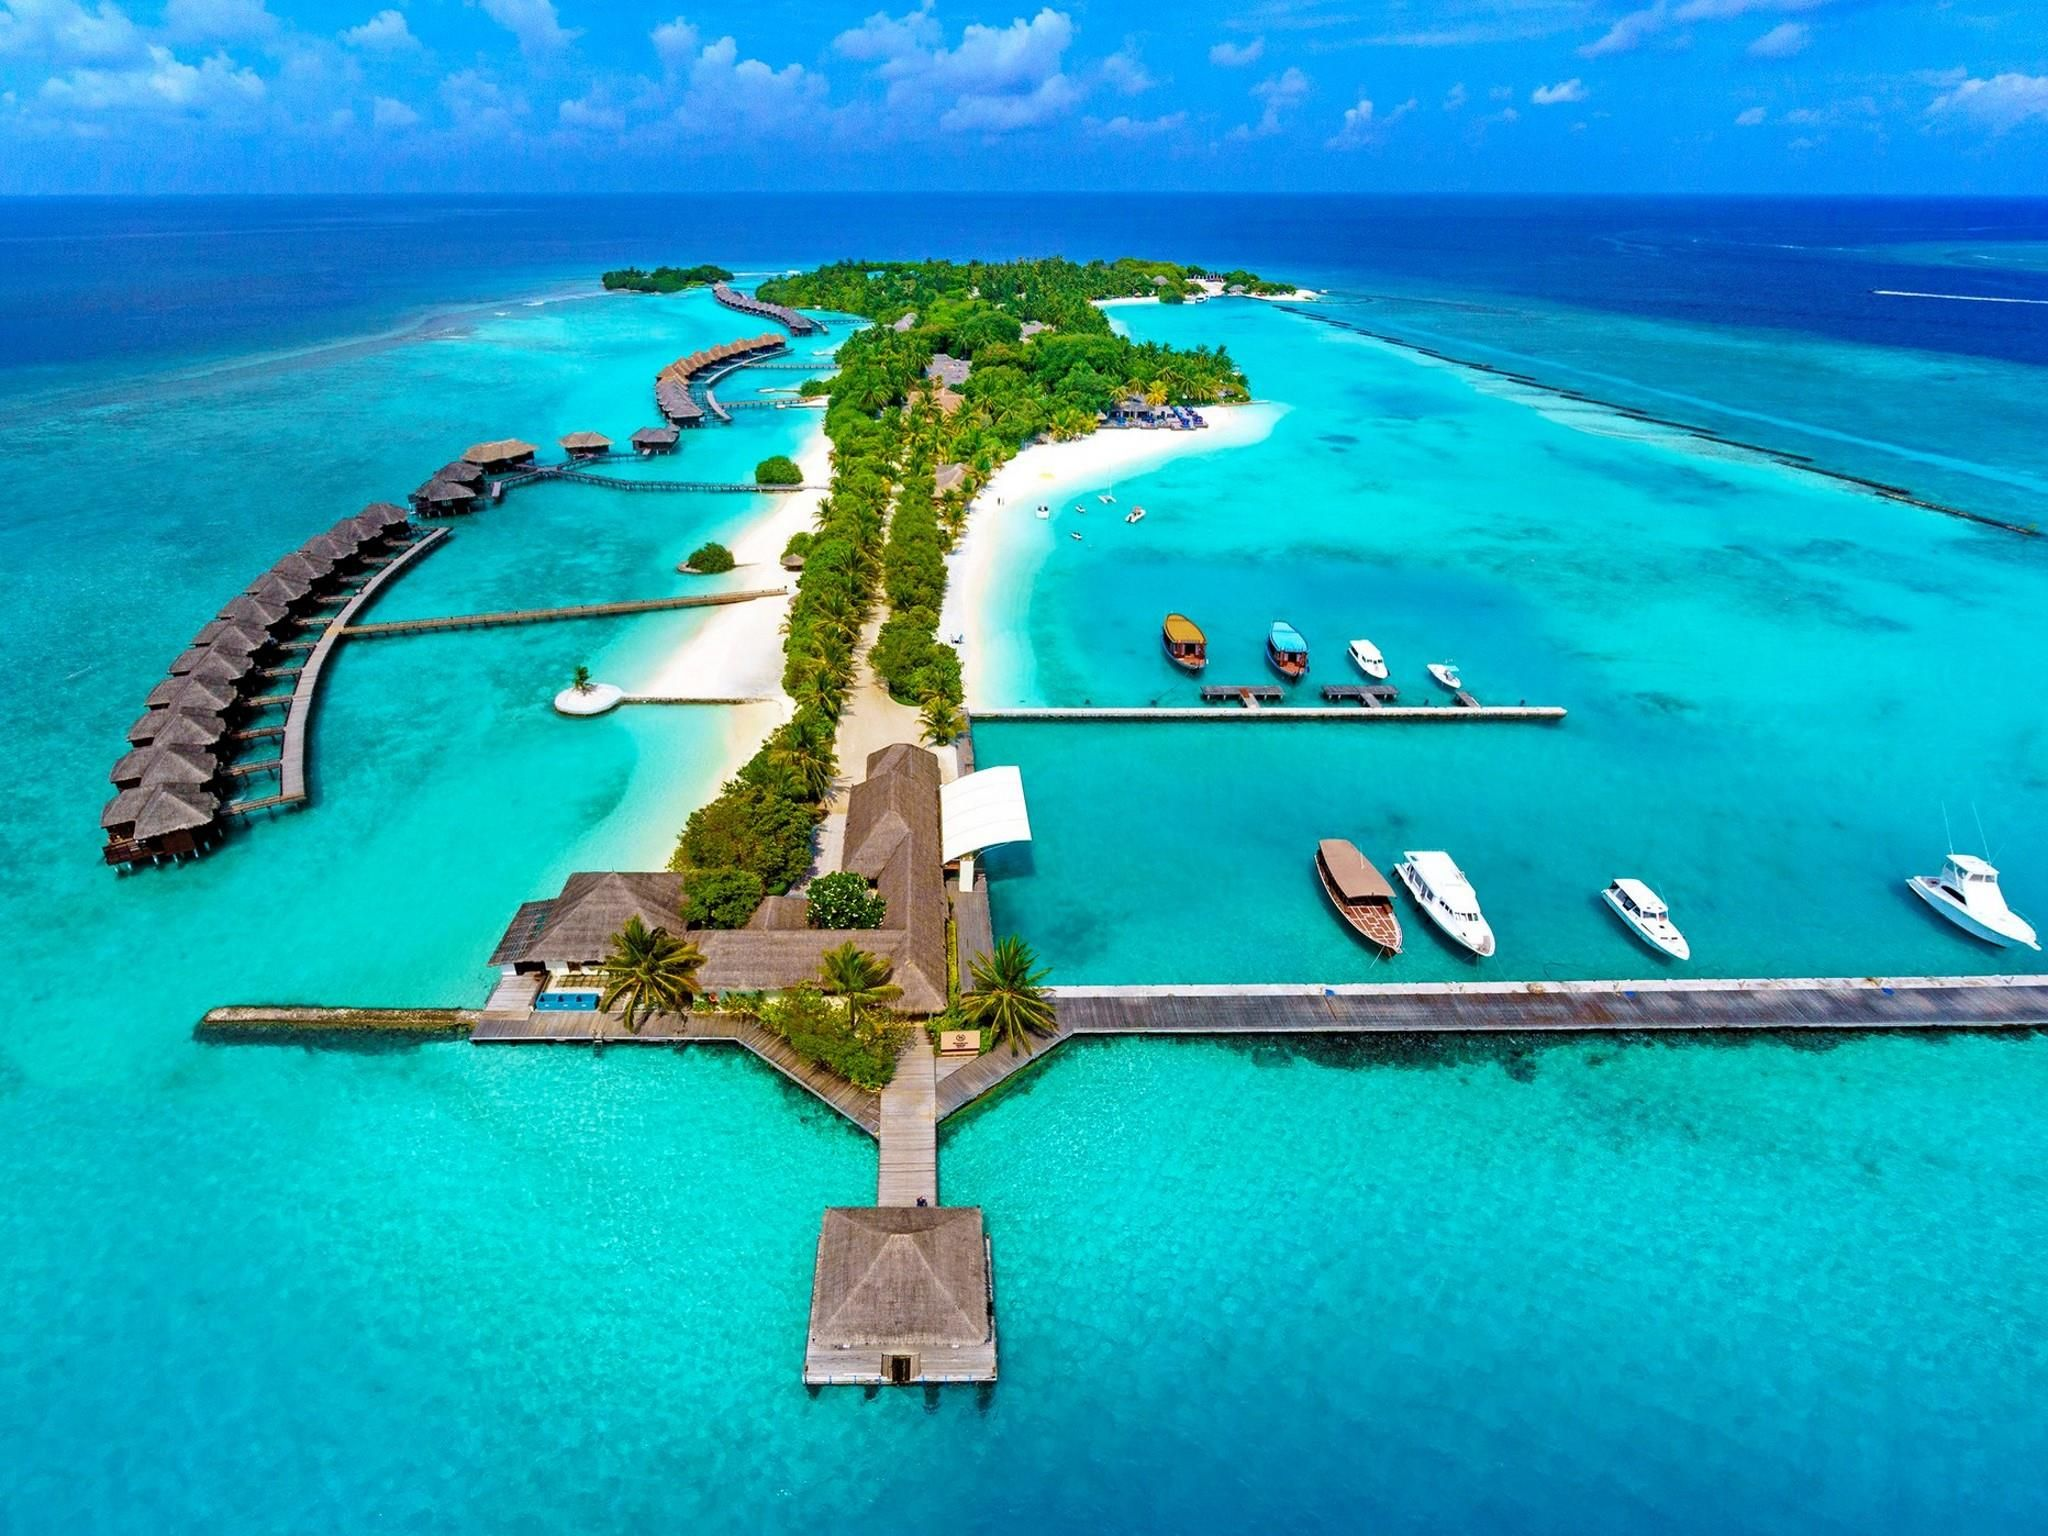 Maldives Islands Sheraton Maldives Full Moon Resort Amp Spa Maldives Asia Located In North Male